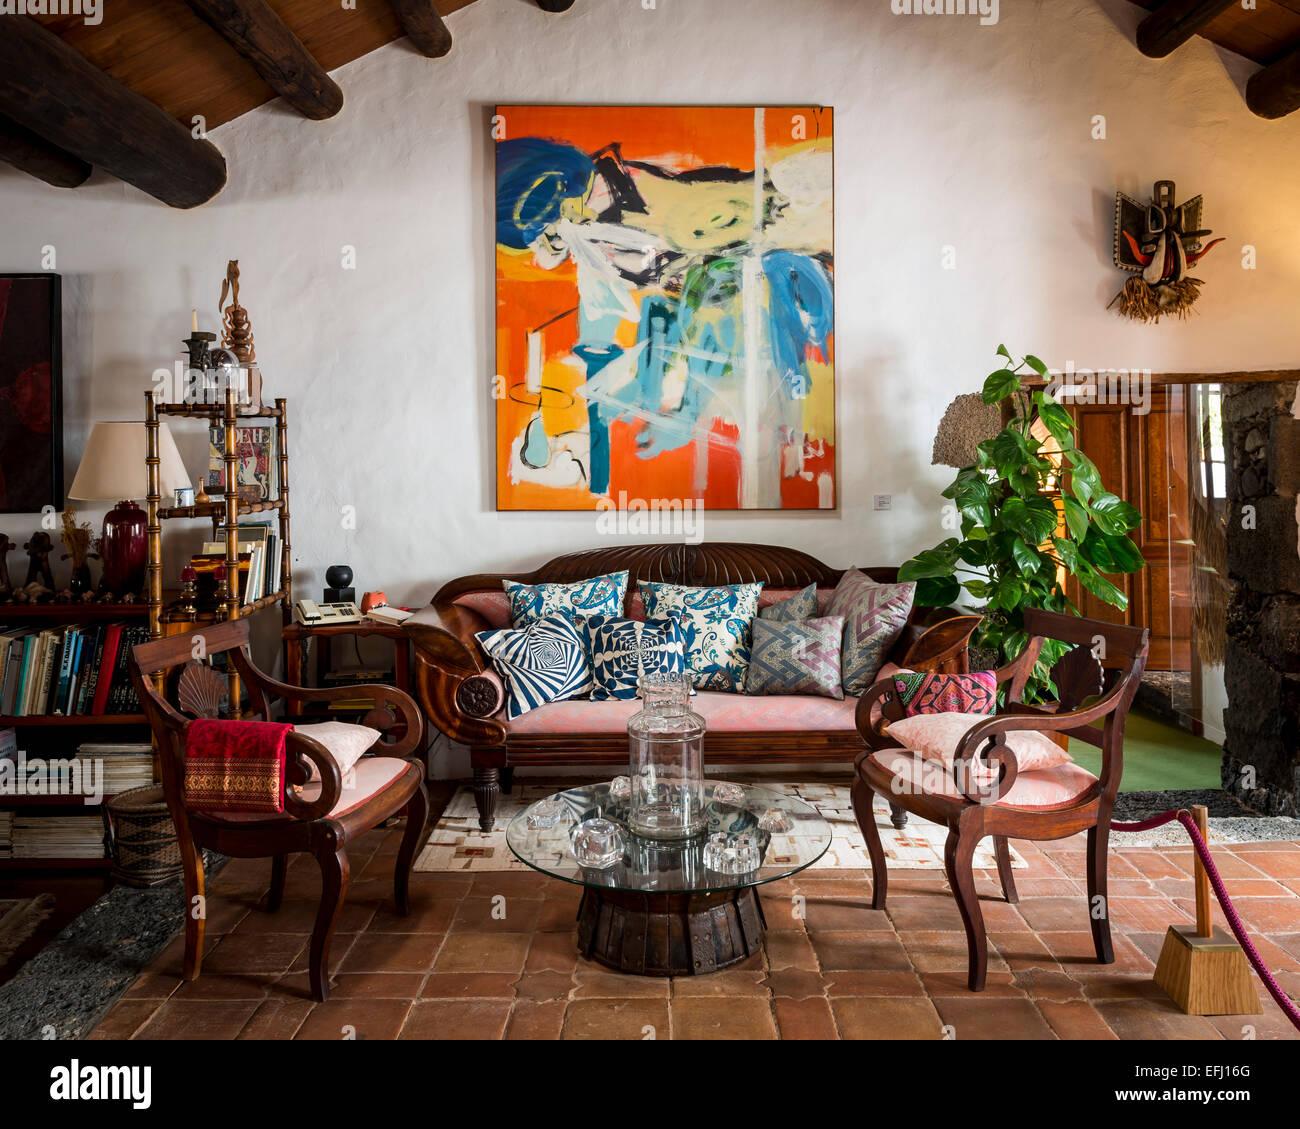 Casa museo c sar manrique lanzarote spain architect - Cesar manrique hijos ...